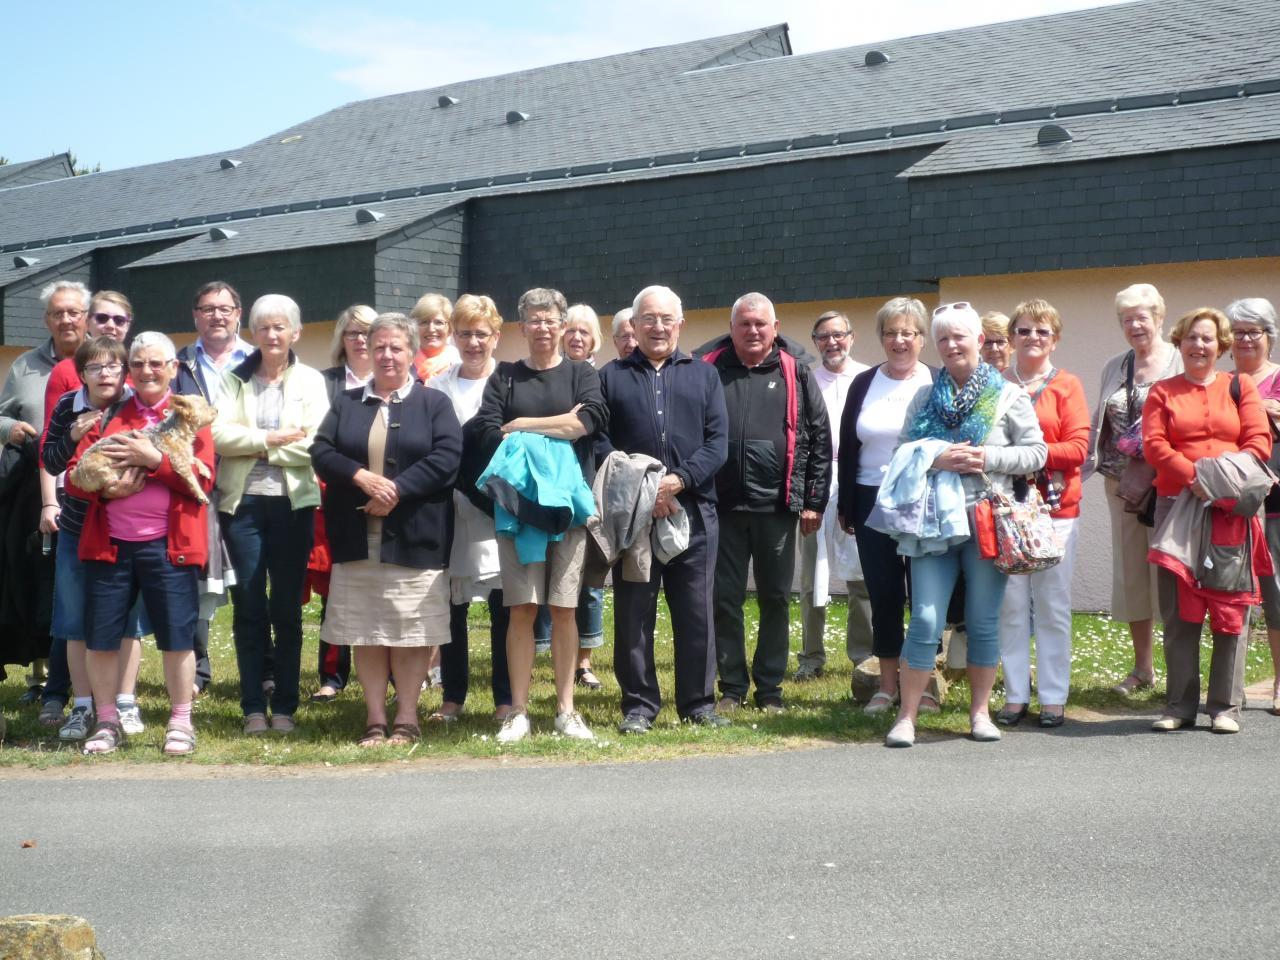 Sejour en Bretagne semaine du 22 au 29 mai 2015 (1)